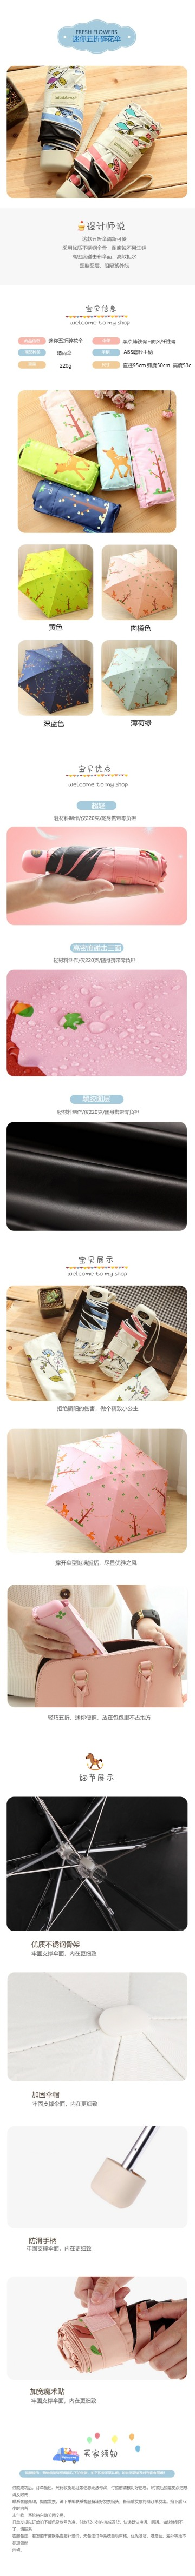 扁平简约百货零售家居生活五折雨伞促销电商详情页